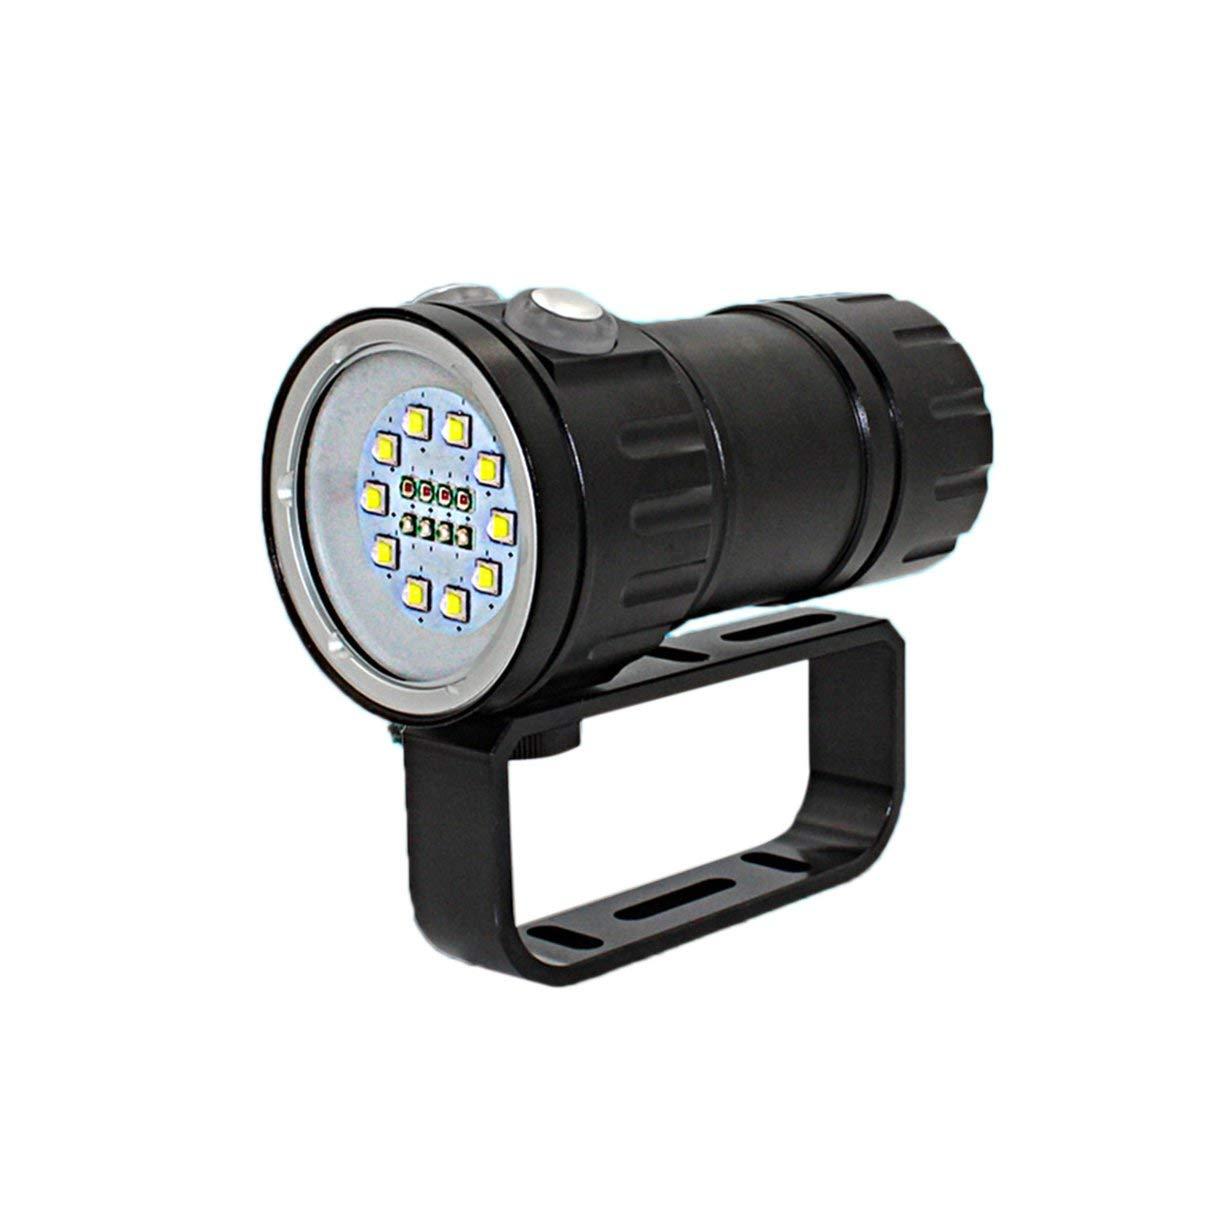 100 Watt High Power Superhelle Unterwassertaschenlampe Wasserdichte LED Füllen Licht Tauchen Taschenlampe Tauchen Taschenlampe